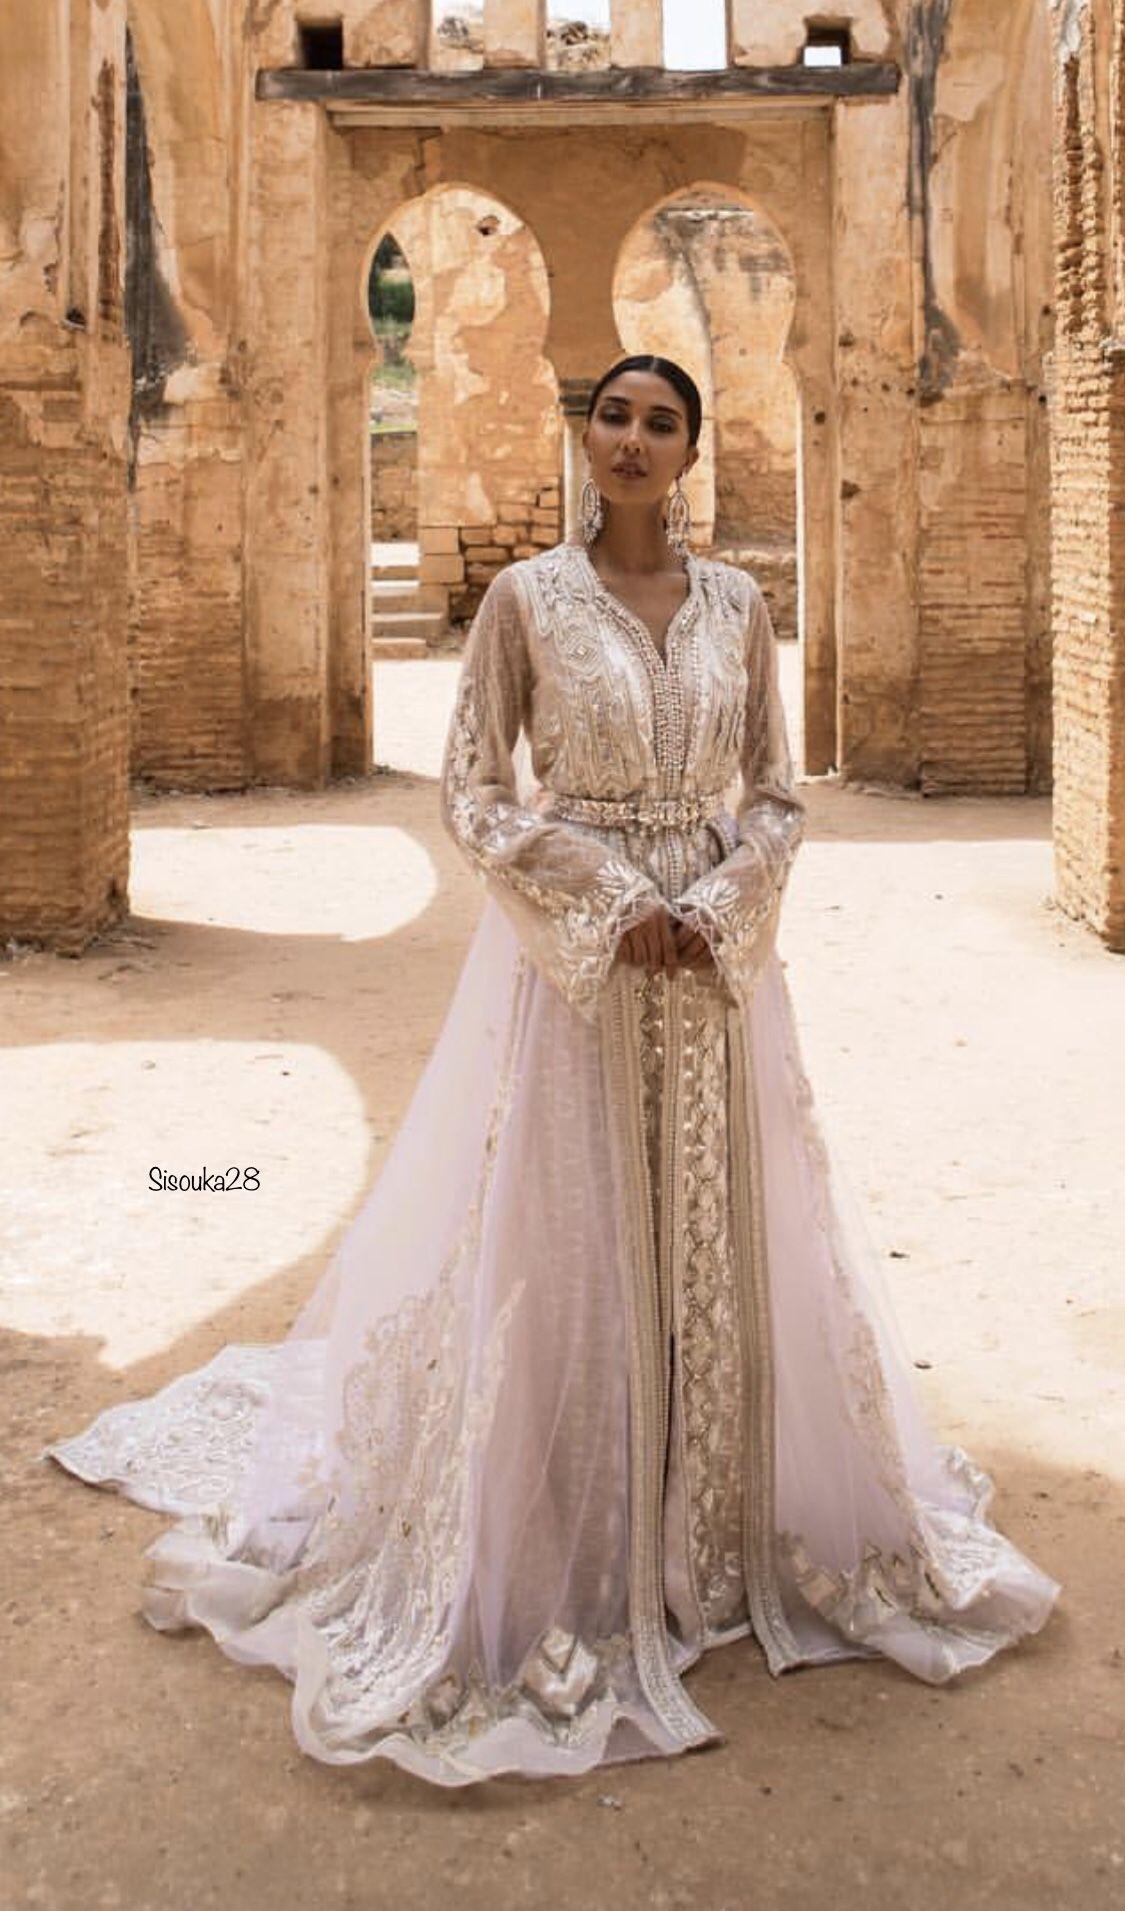 مريم بالخياط caftan du maroc القفطان المغربي pinterest caftans